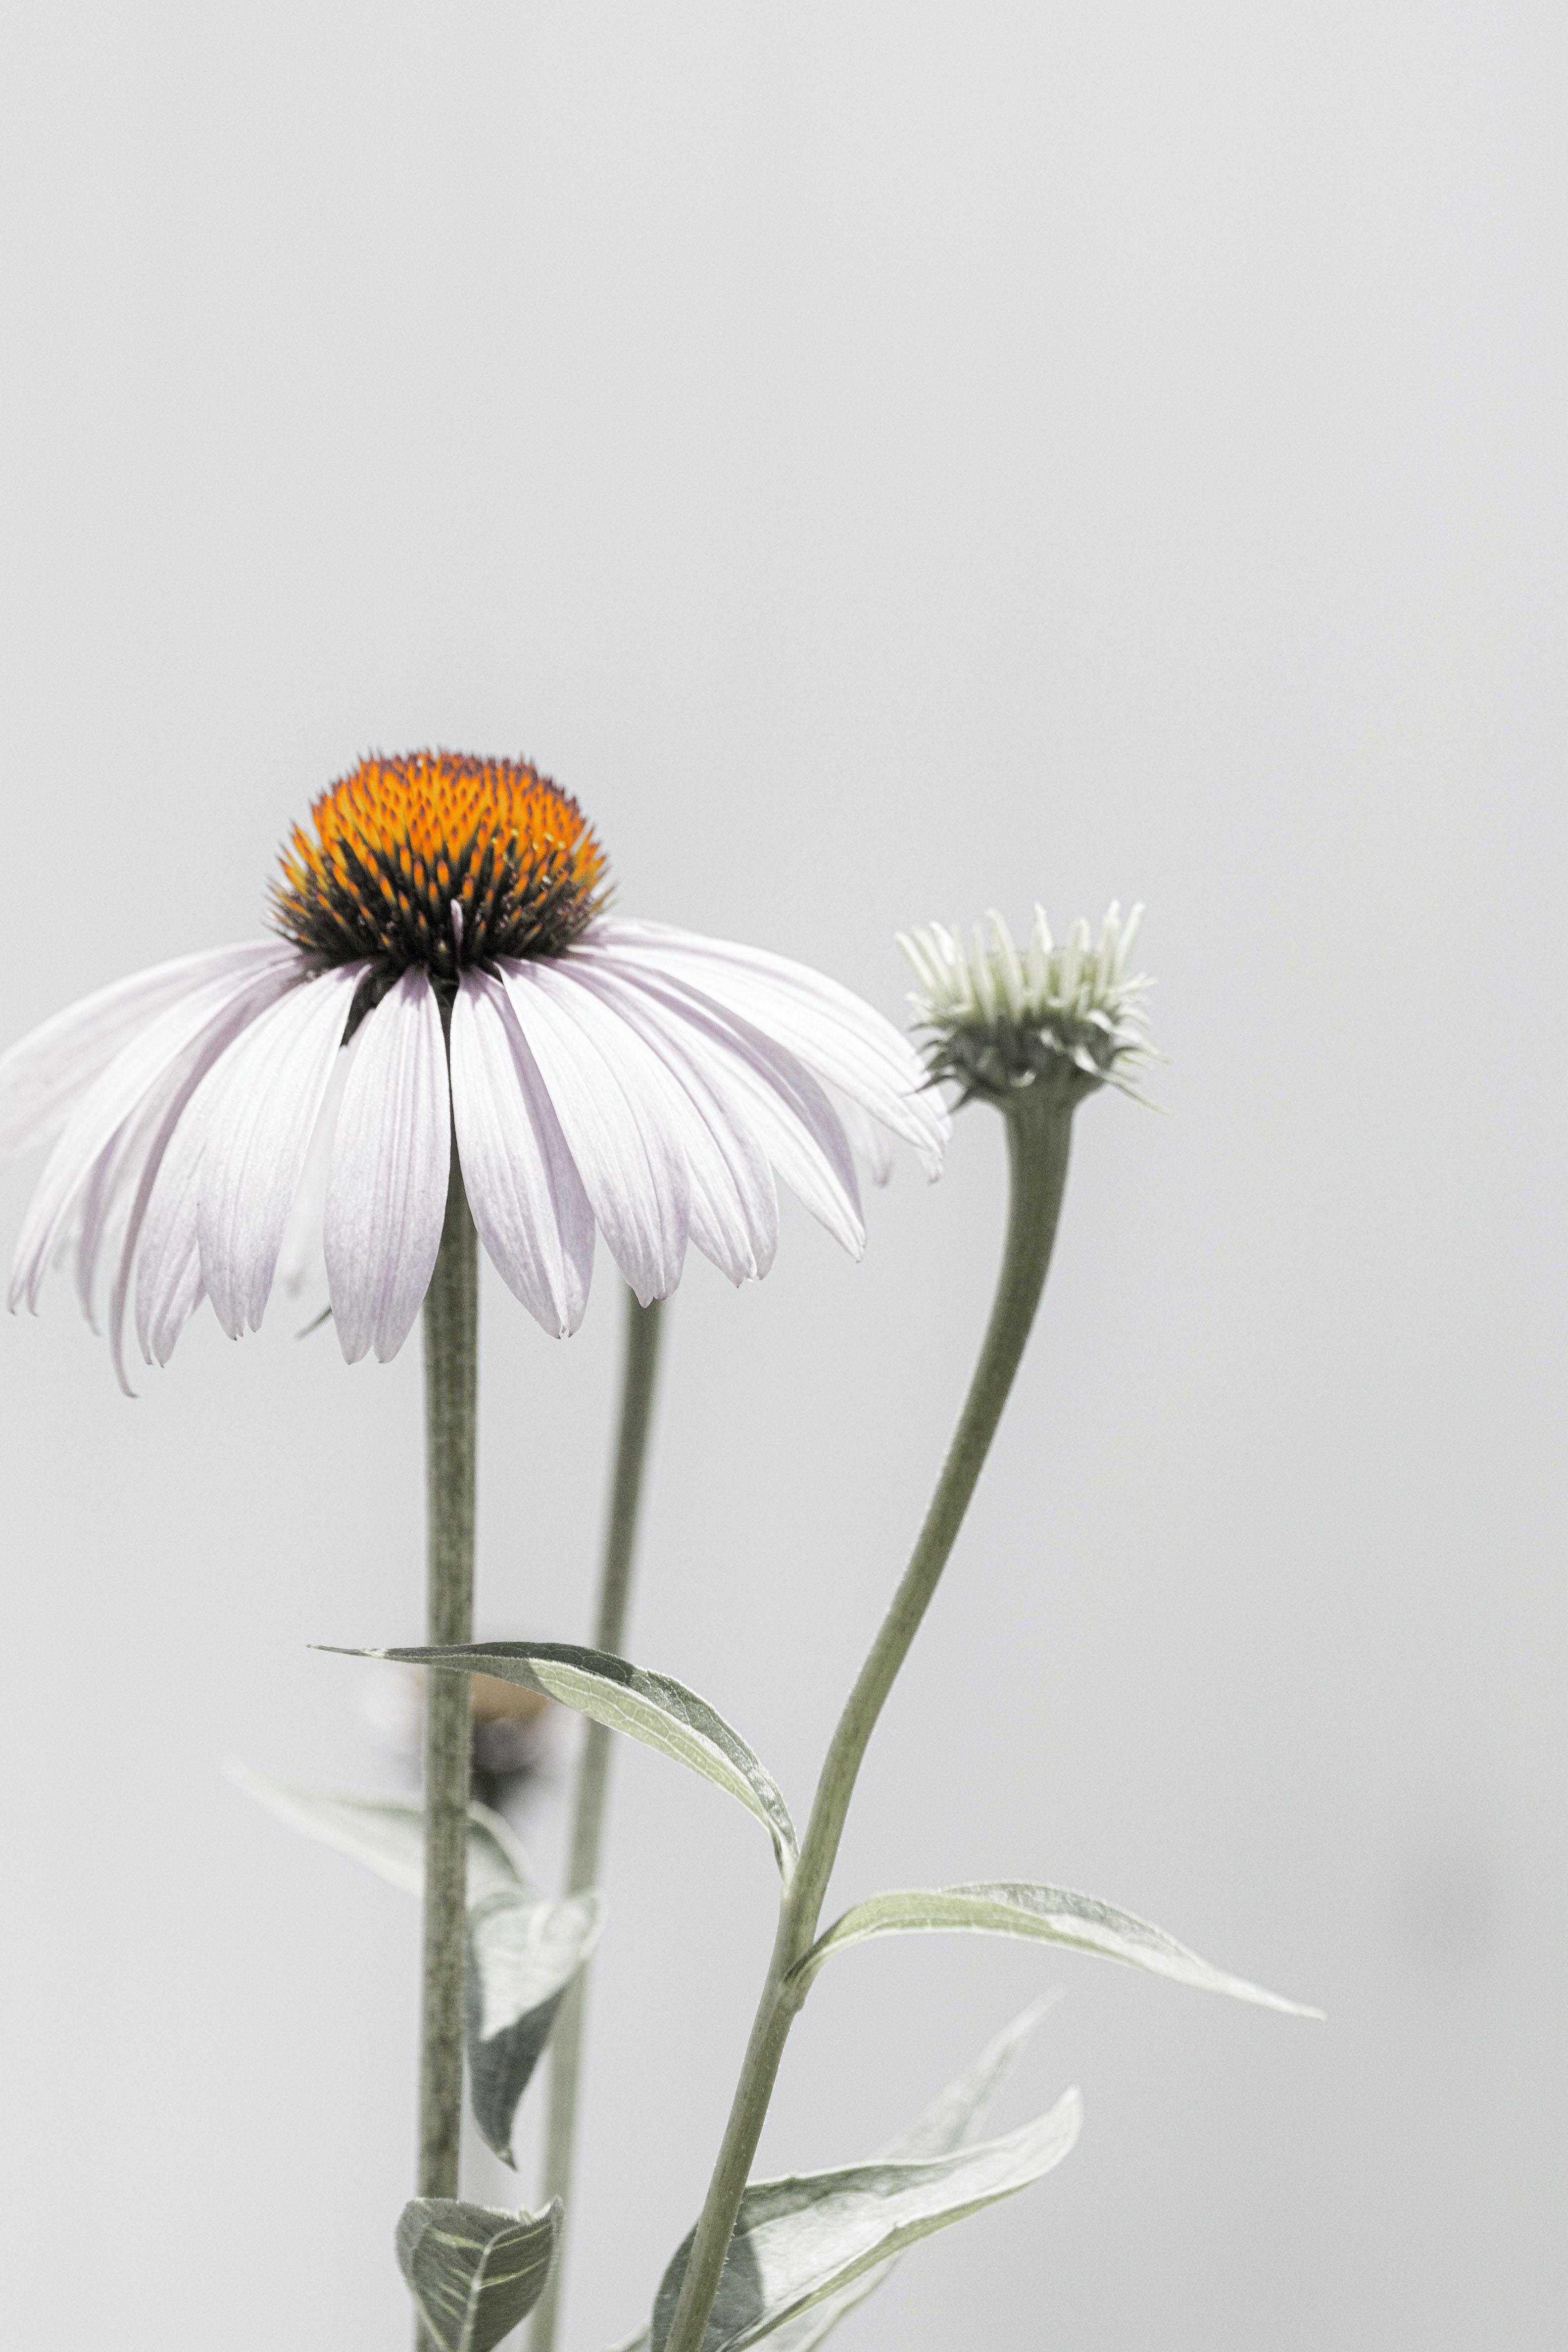 Free stock photo of coneflower